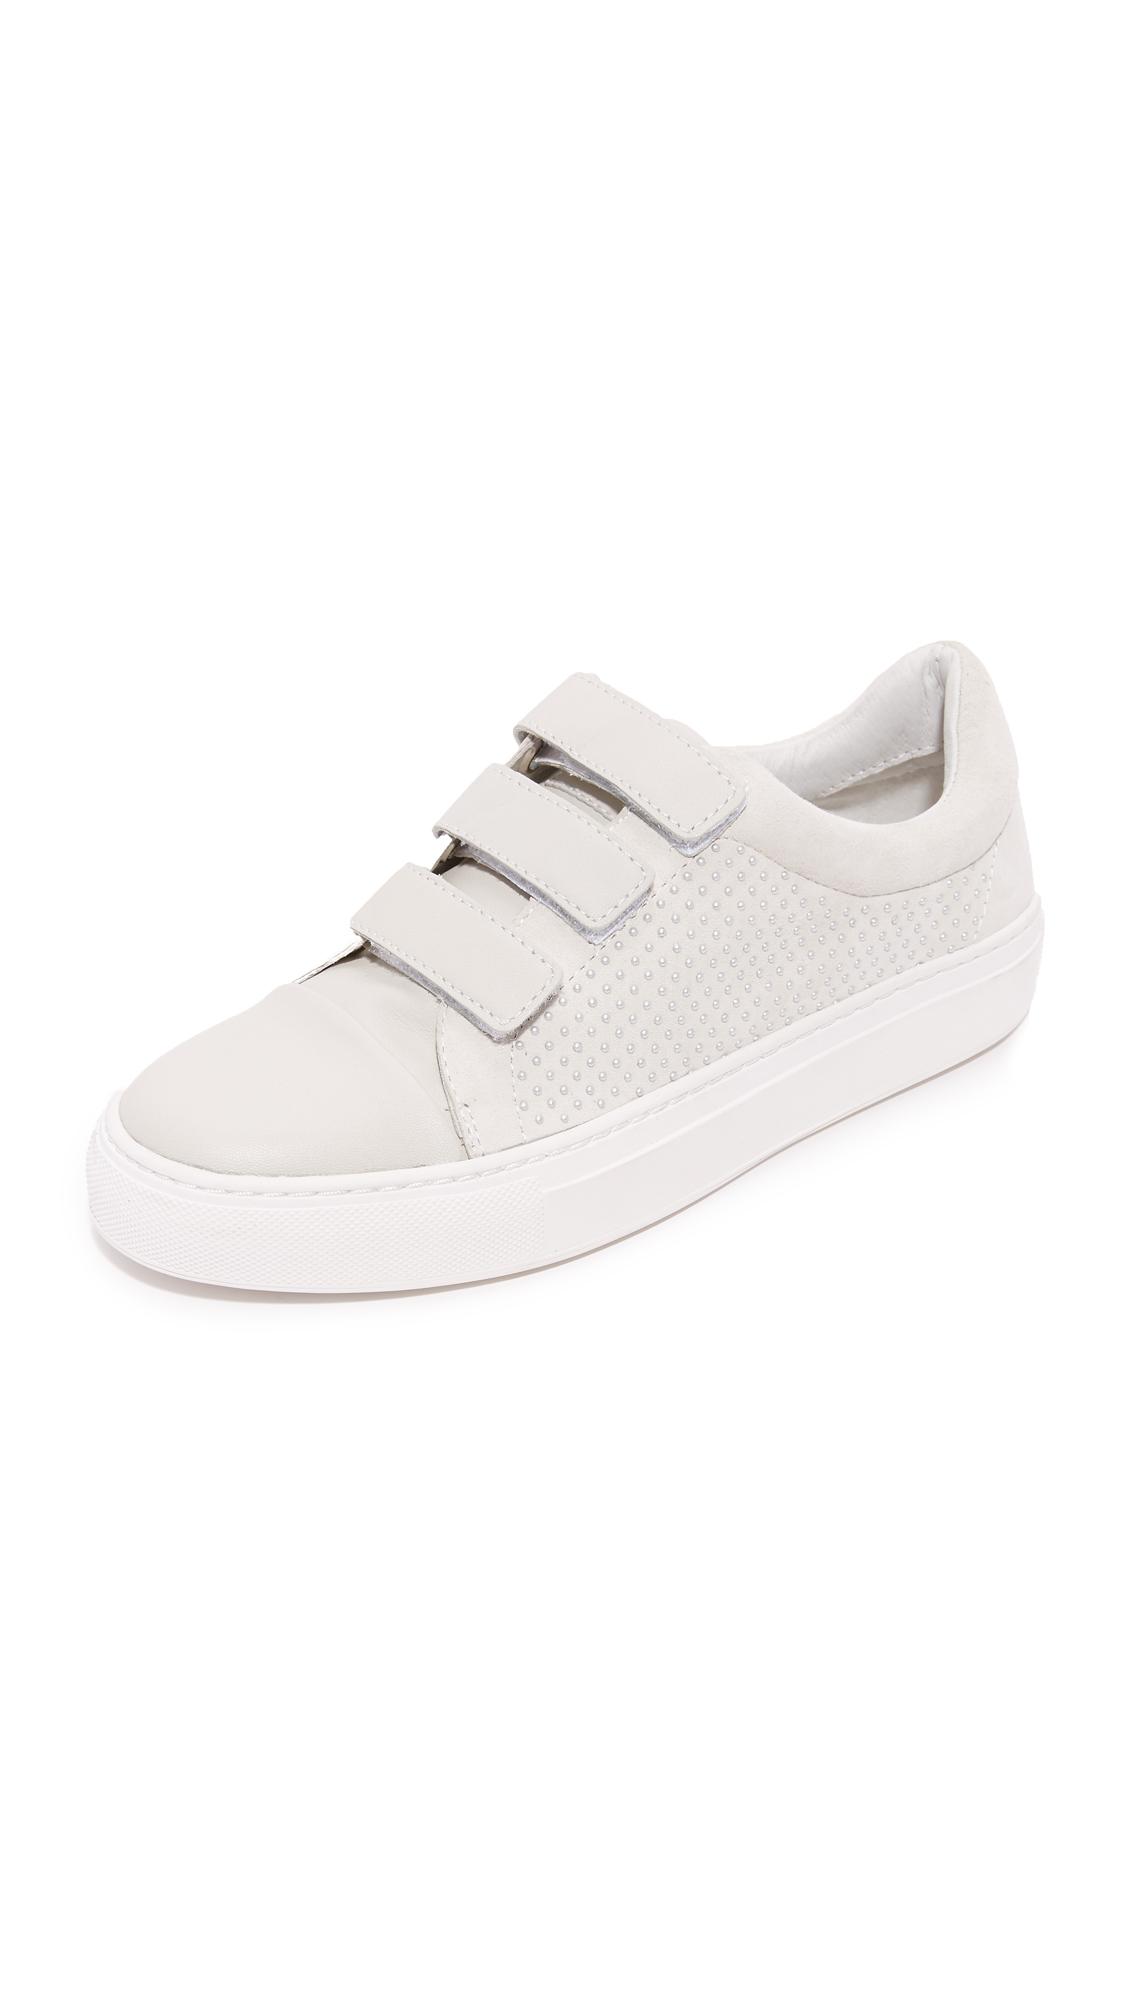 rachel zoe female rachel zoe boe velcro sneakers white